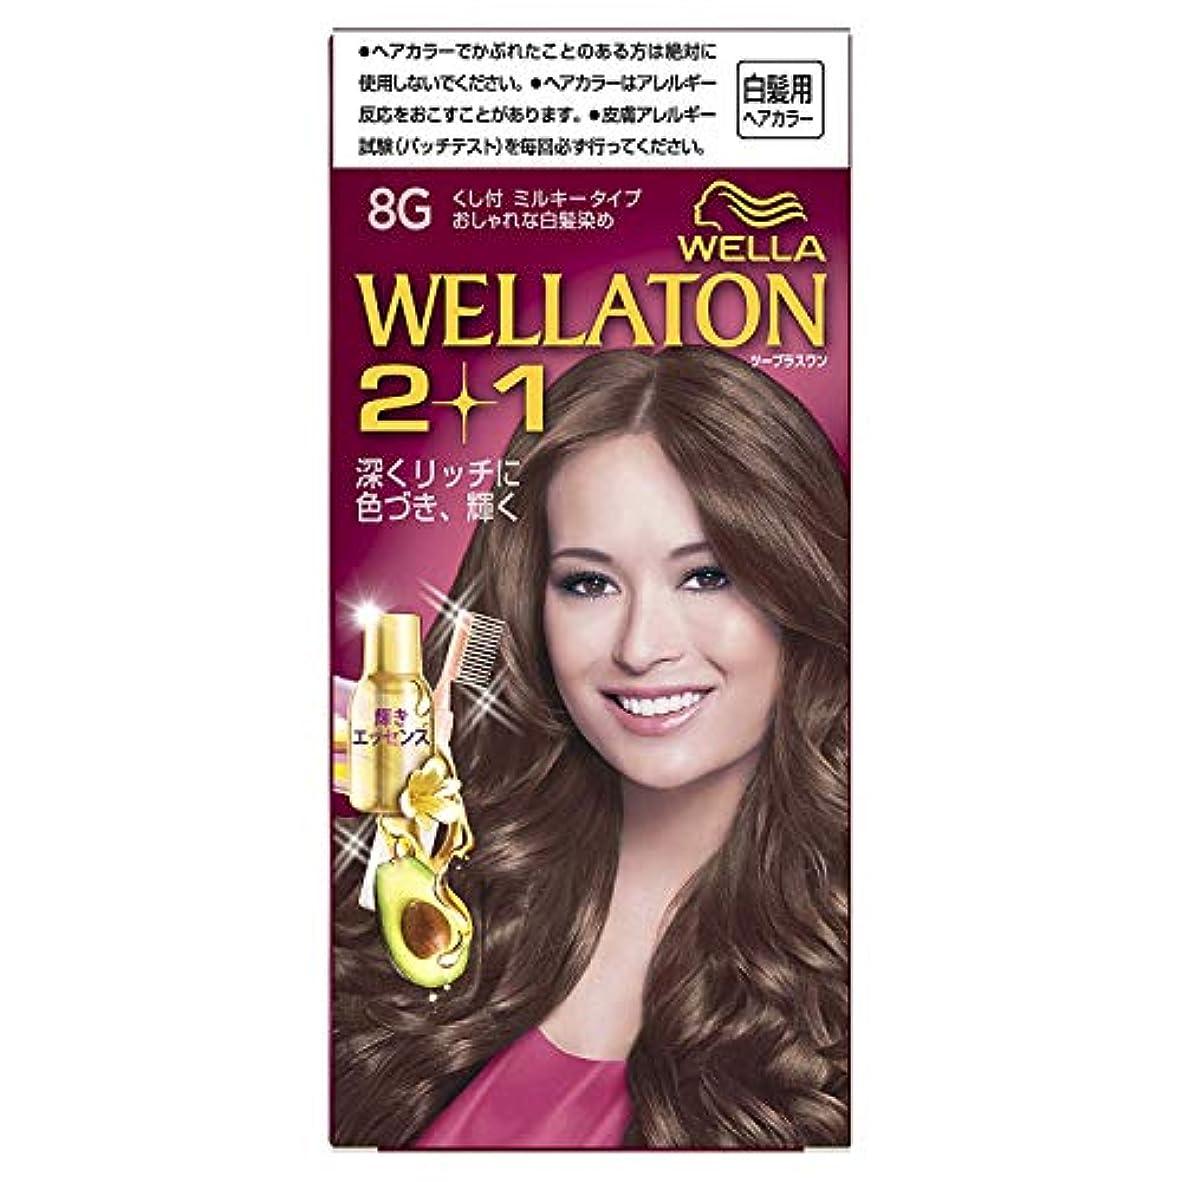 工業化するキャンベラ統計的ウエラトーン2+1 白髪染め くし付ミルキータイプ 8G [医薬部外品] ×6個